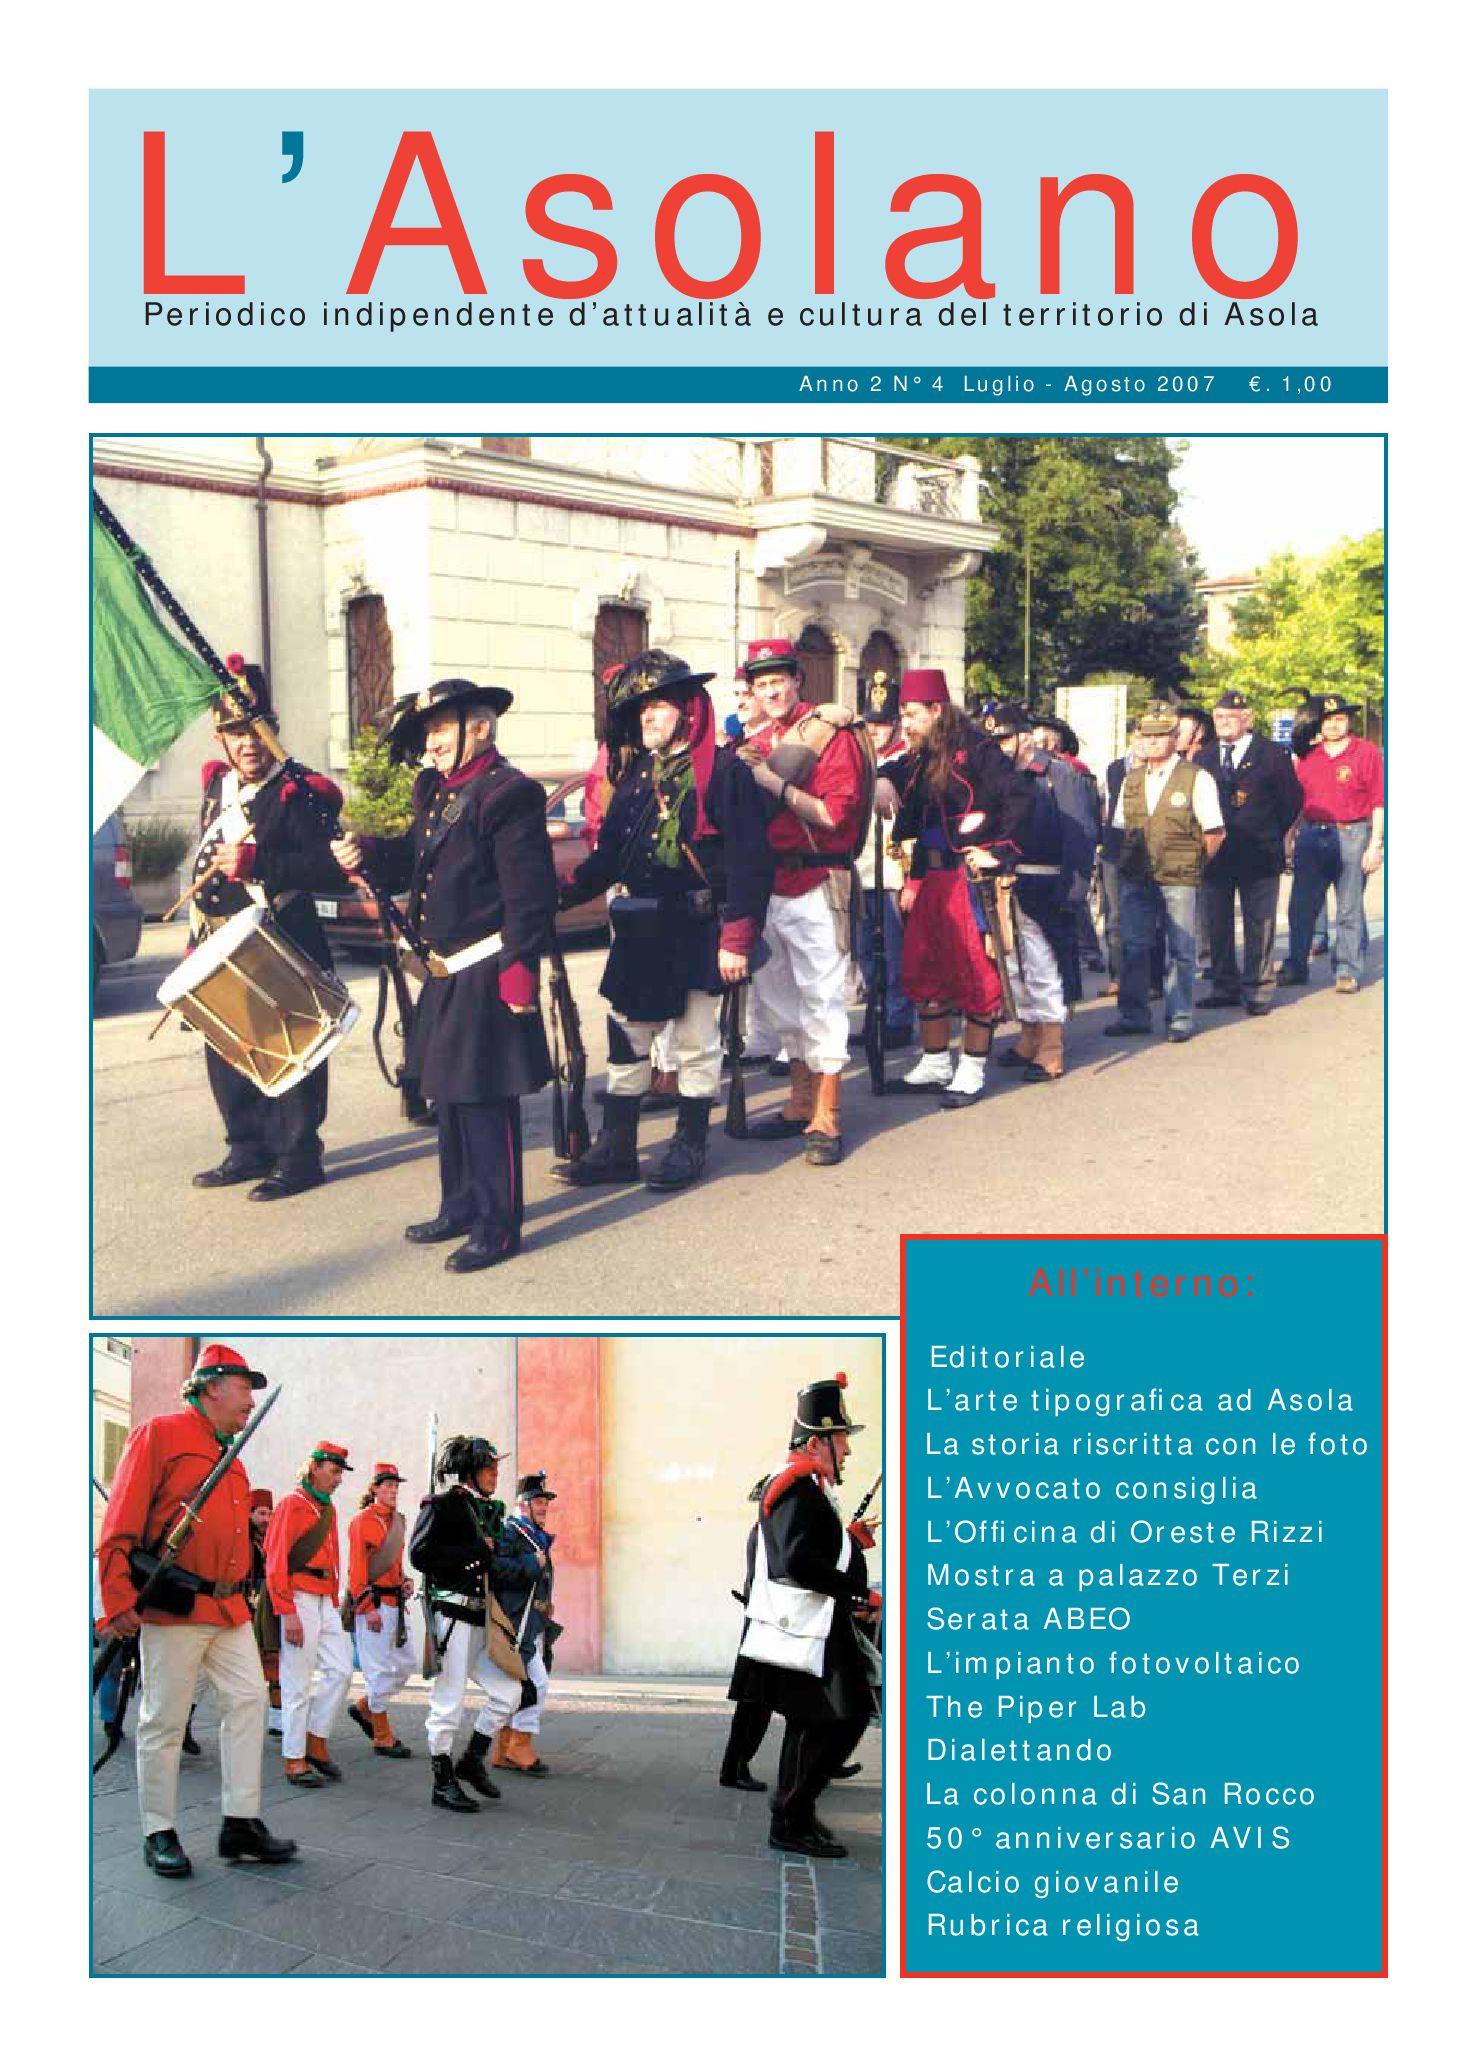 1435a3c966 L'Asolano N°4-07 by Associazione L'Asolano - issuu